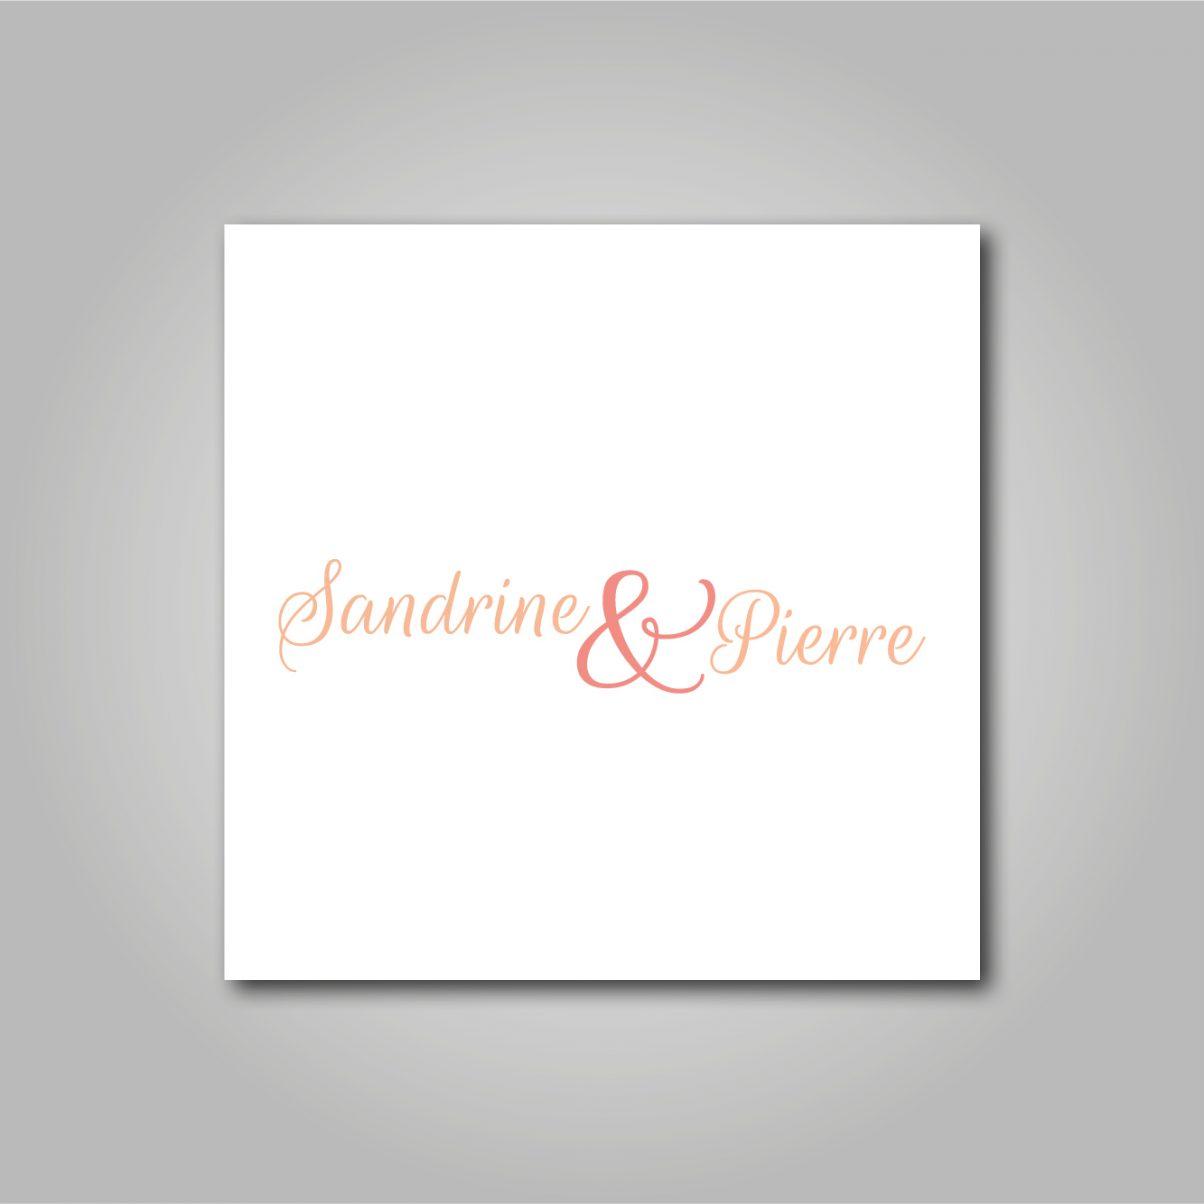 Le logo de mariage de Sandrine & Pierre